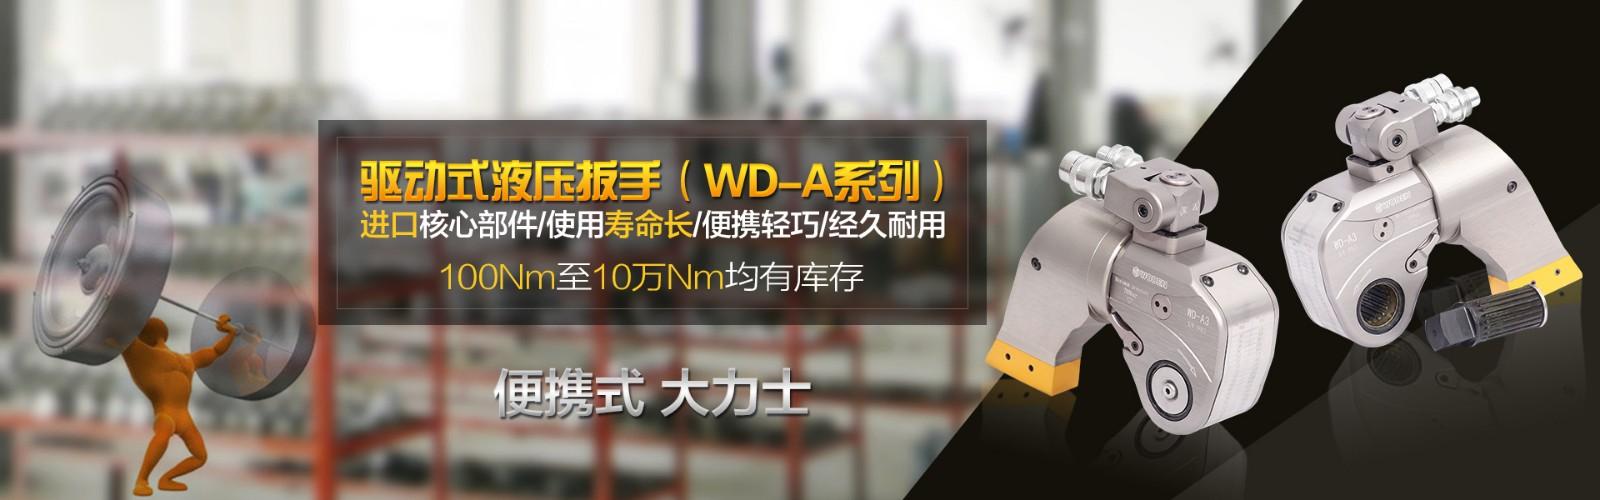 星辉铝钛合金XY-A系列驱动液压扳手